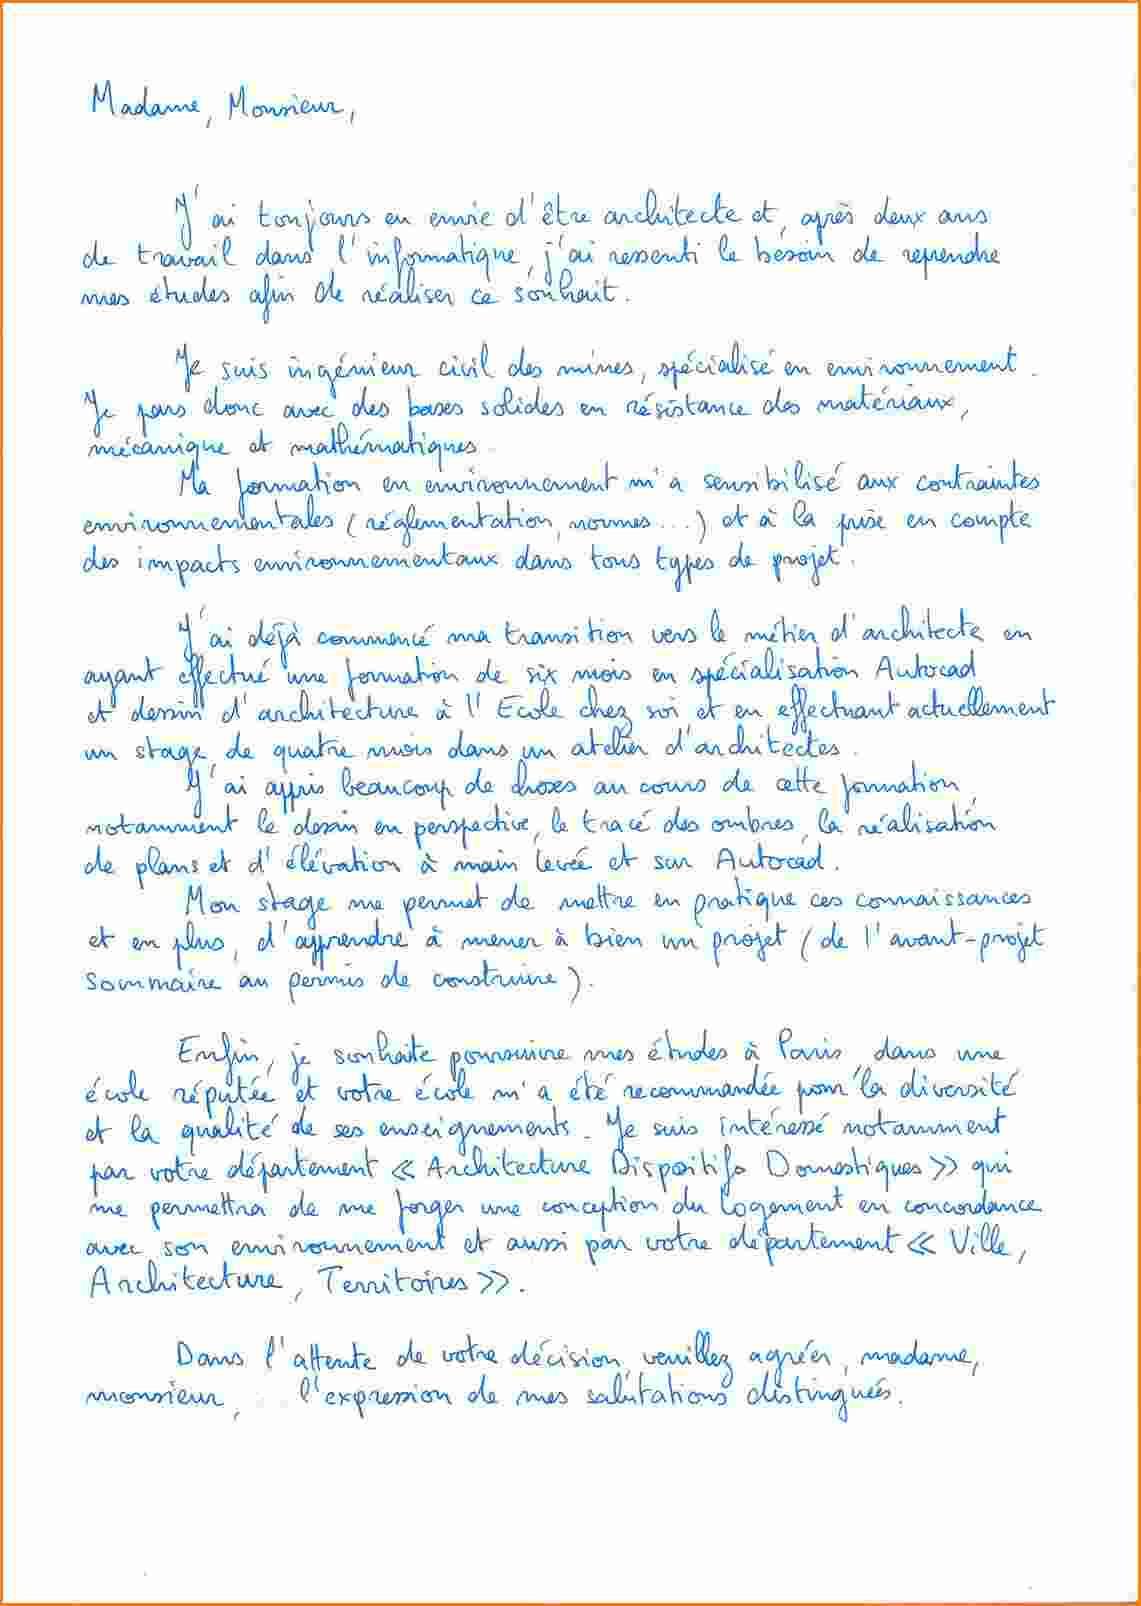 lettre de motivation ecole boulle